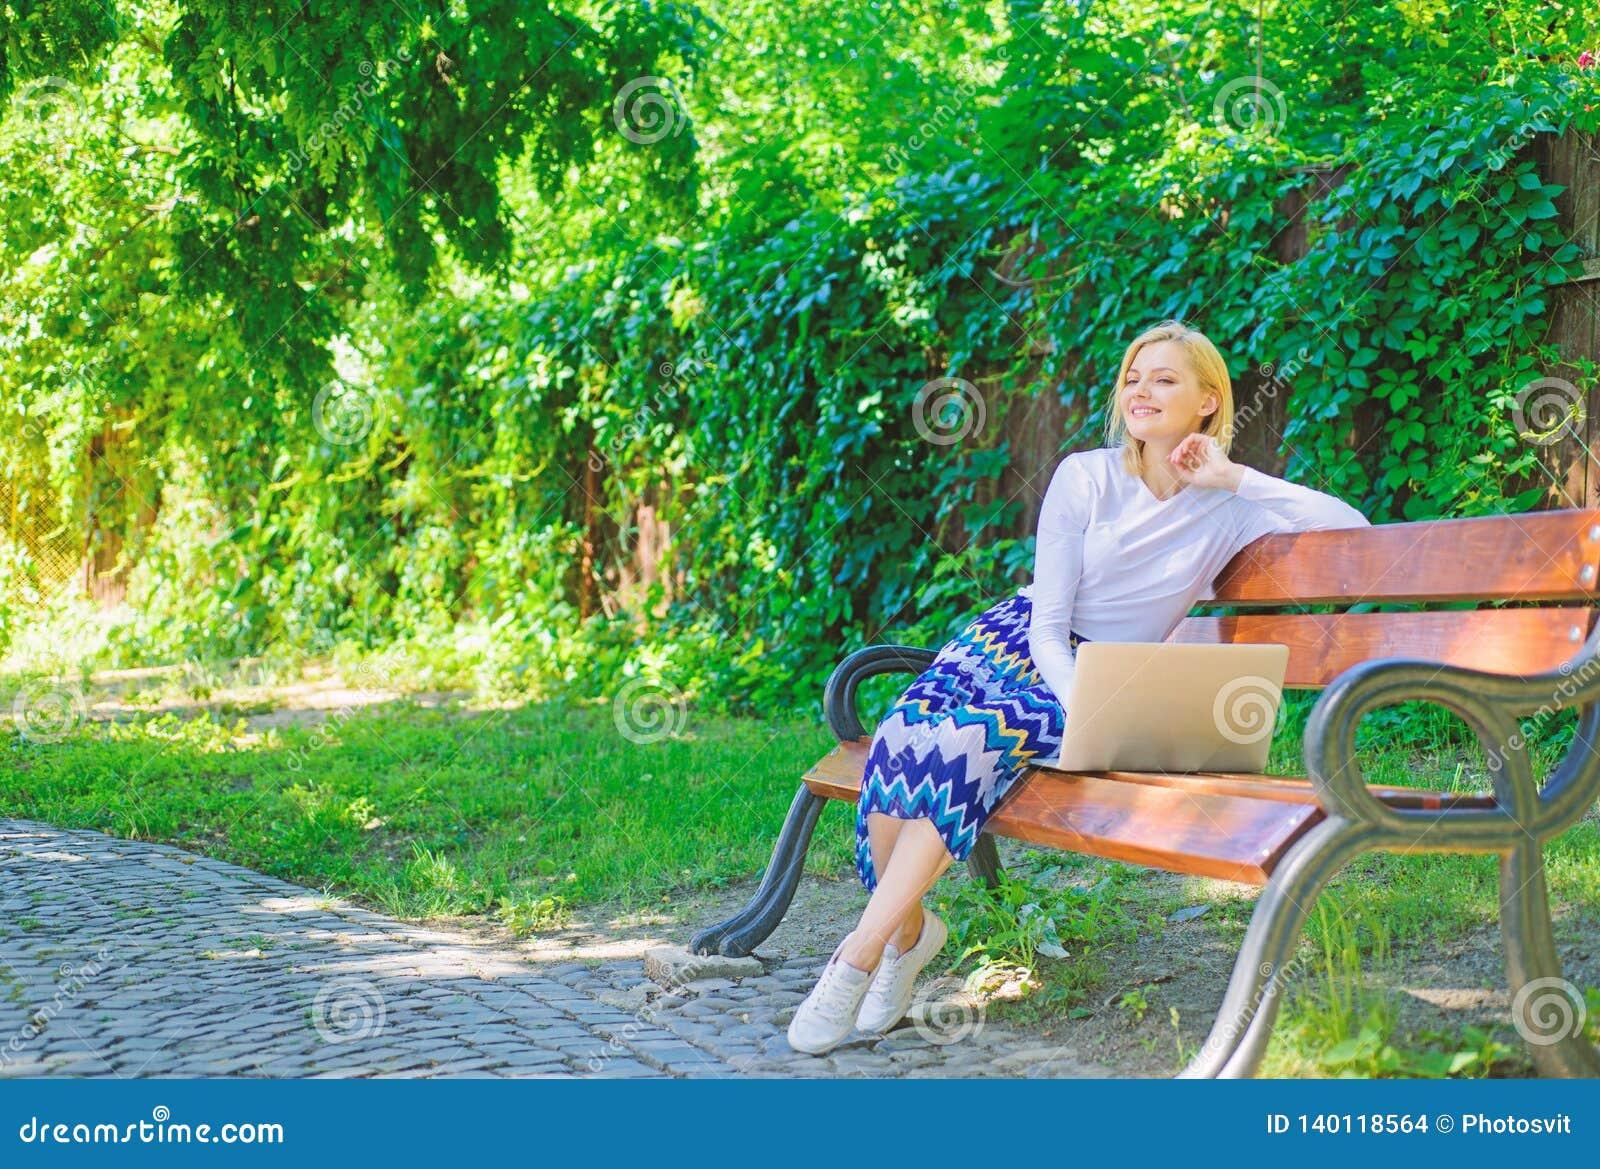 Сохраньте ваше время с ходить по магазинам онлайн Ходить по магазинам он-лайн Девушка сидит стенд с тетрадью Женщина с ноутбуком